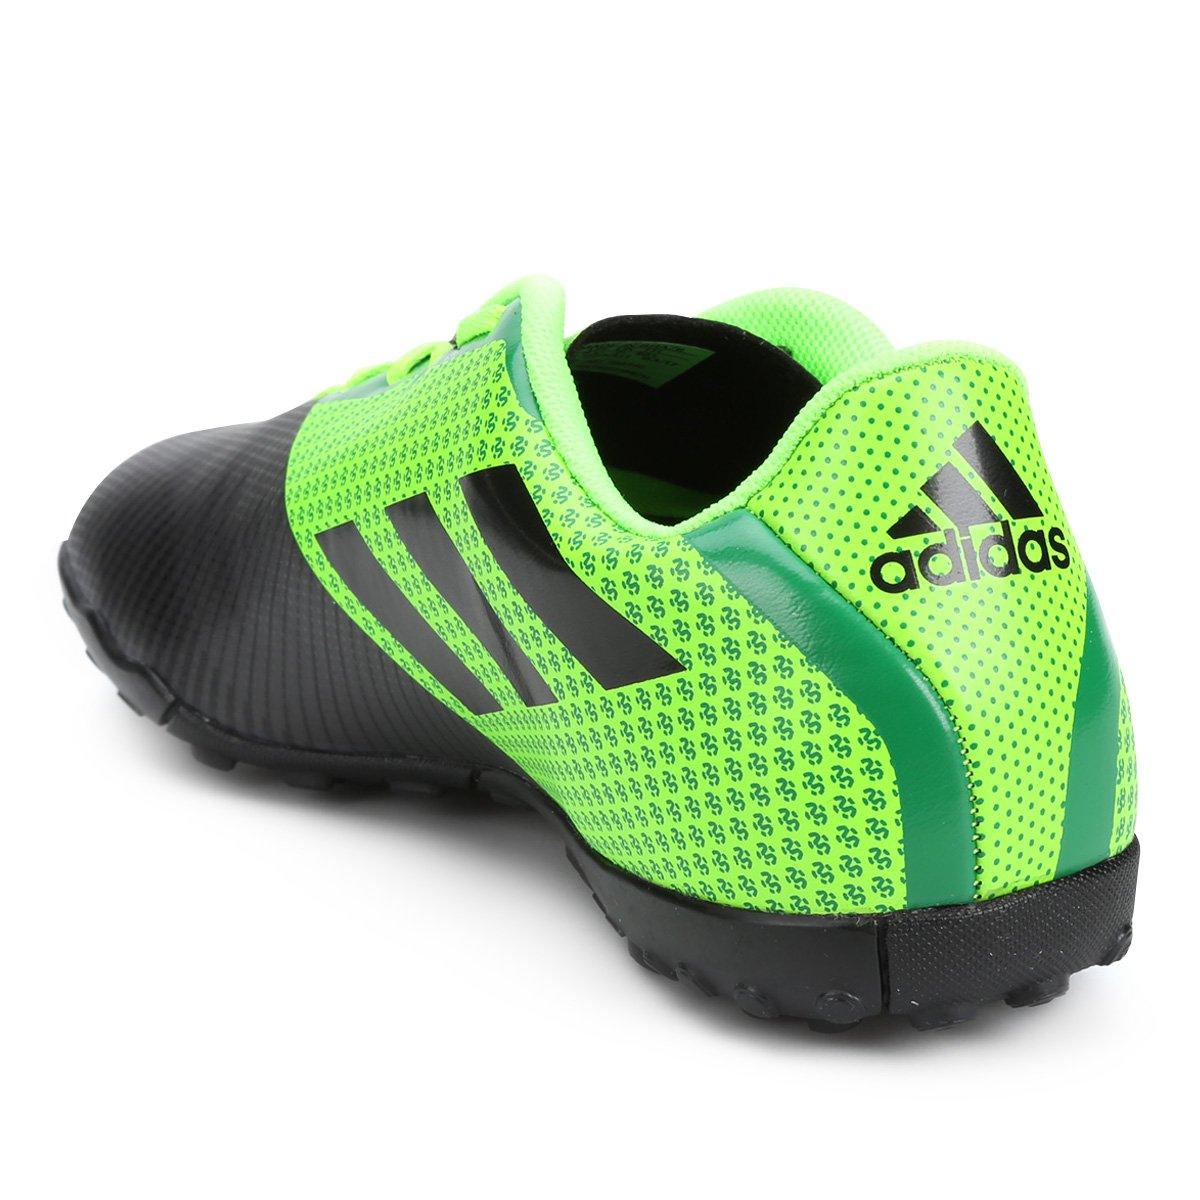 Chuteira Society Adidas Artilheira 17 TF - Verde e Preto - Compre ... c25188afa519b